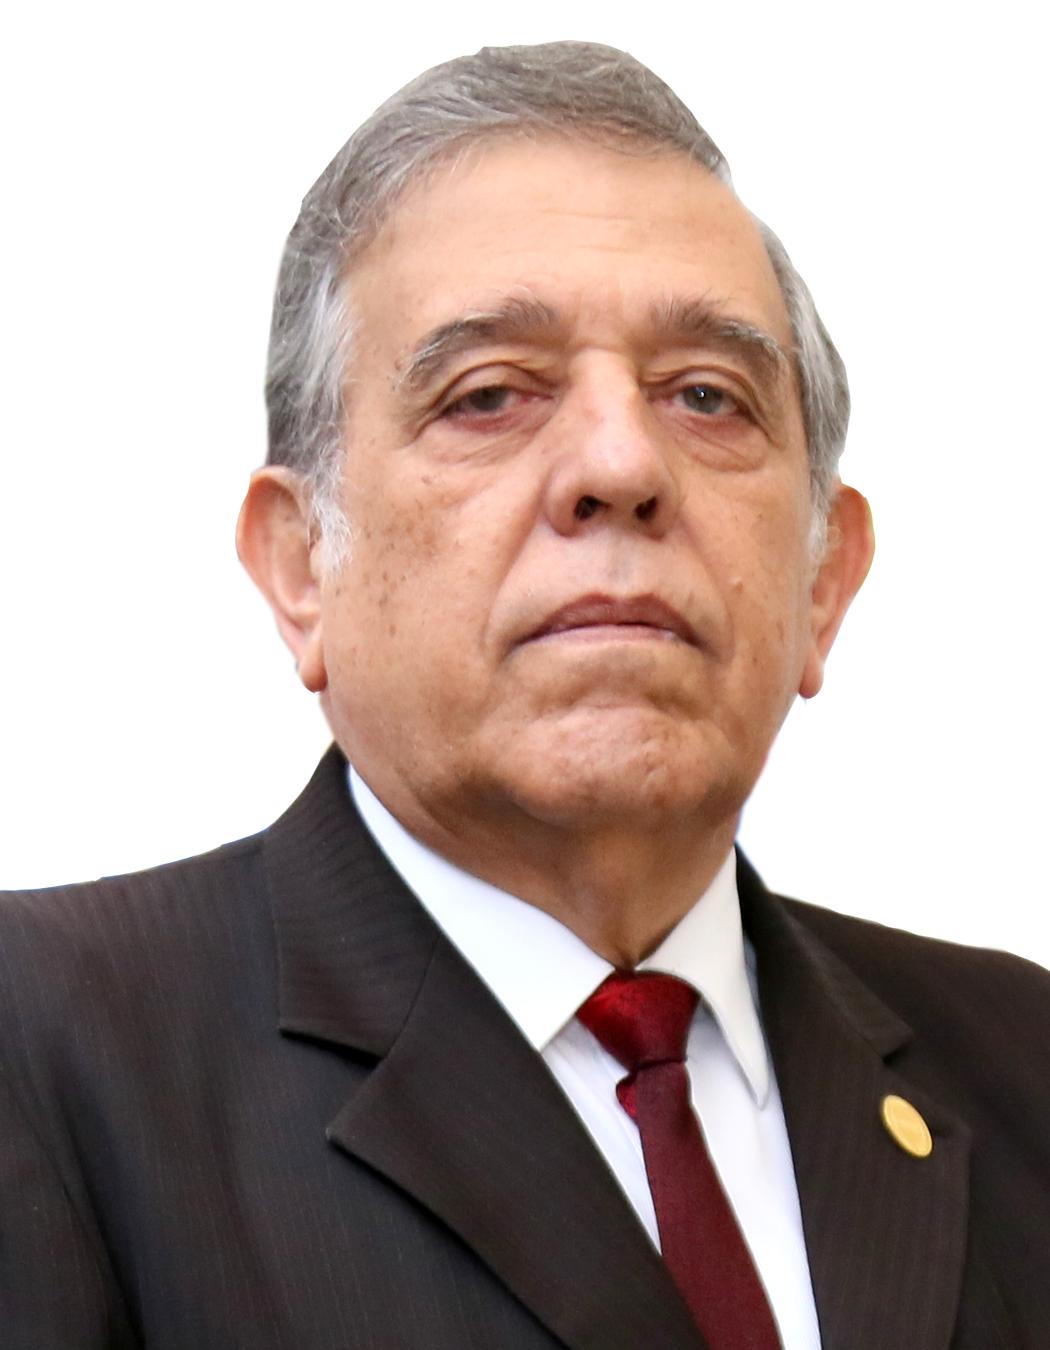 Rene Ricardo Alfaro Castellanos